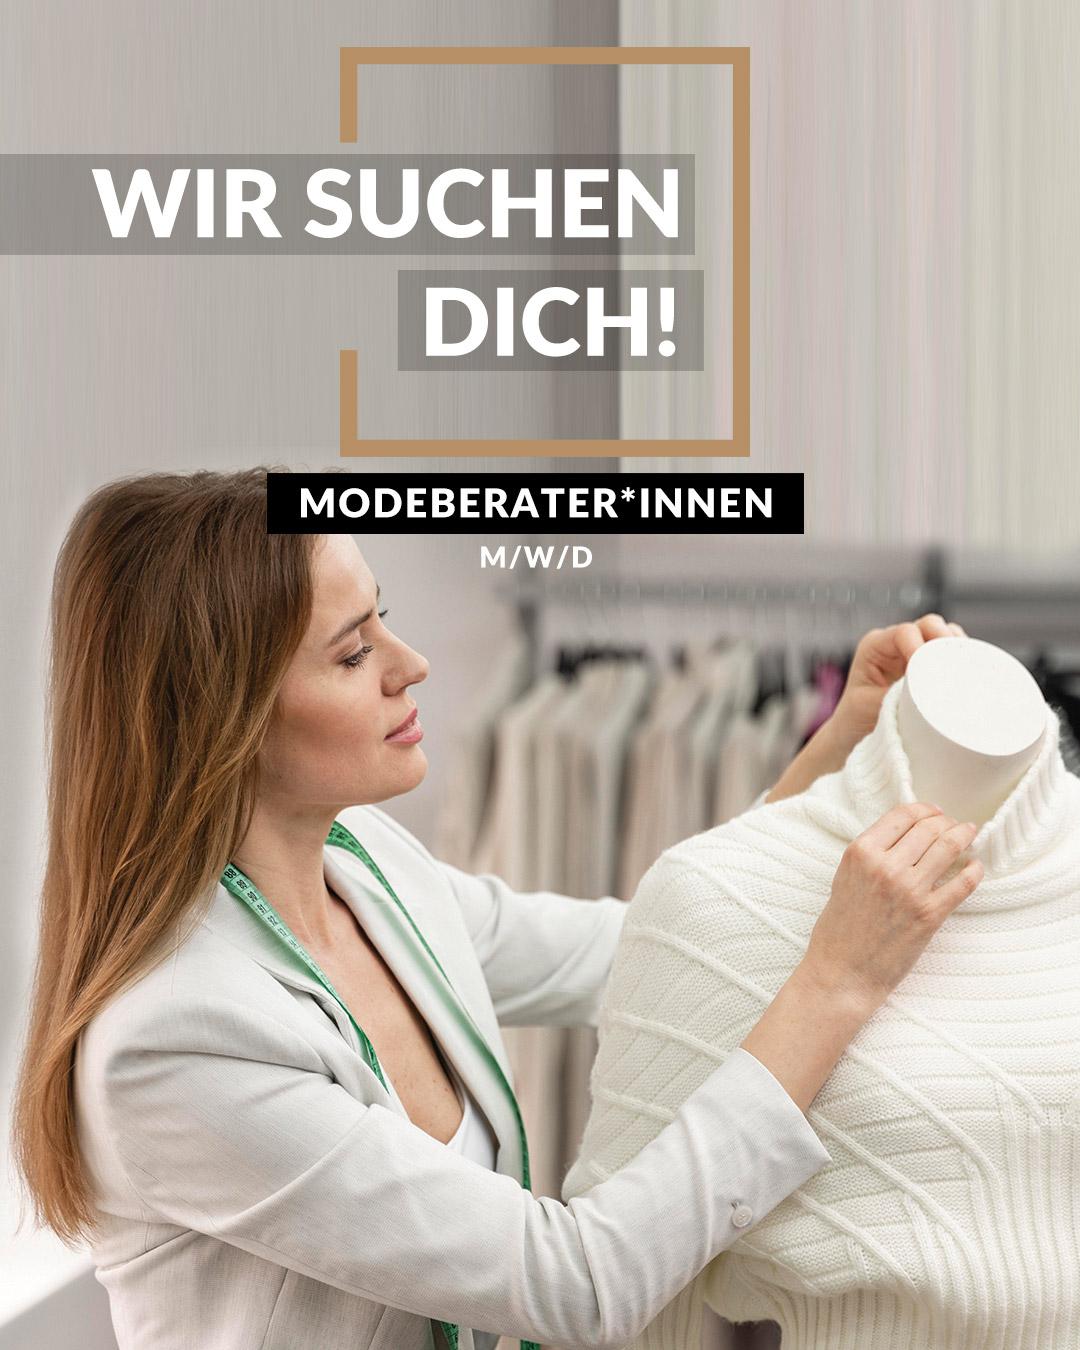 Modeberater*innen